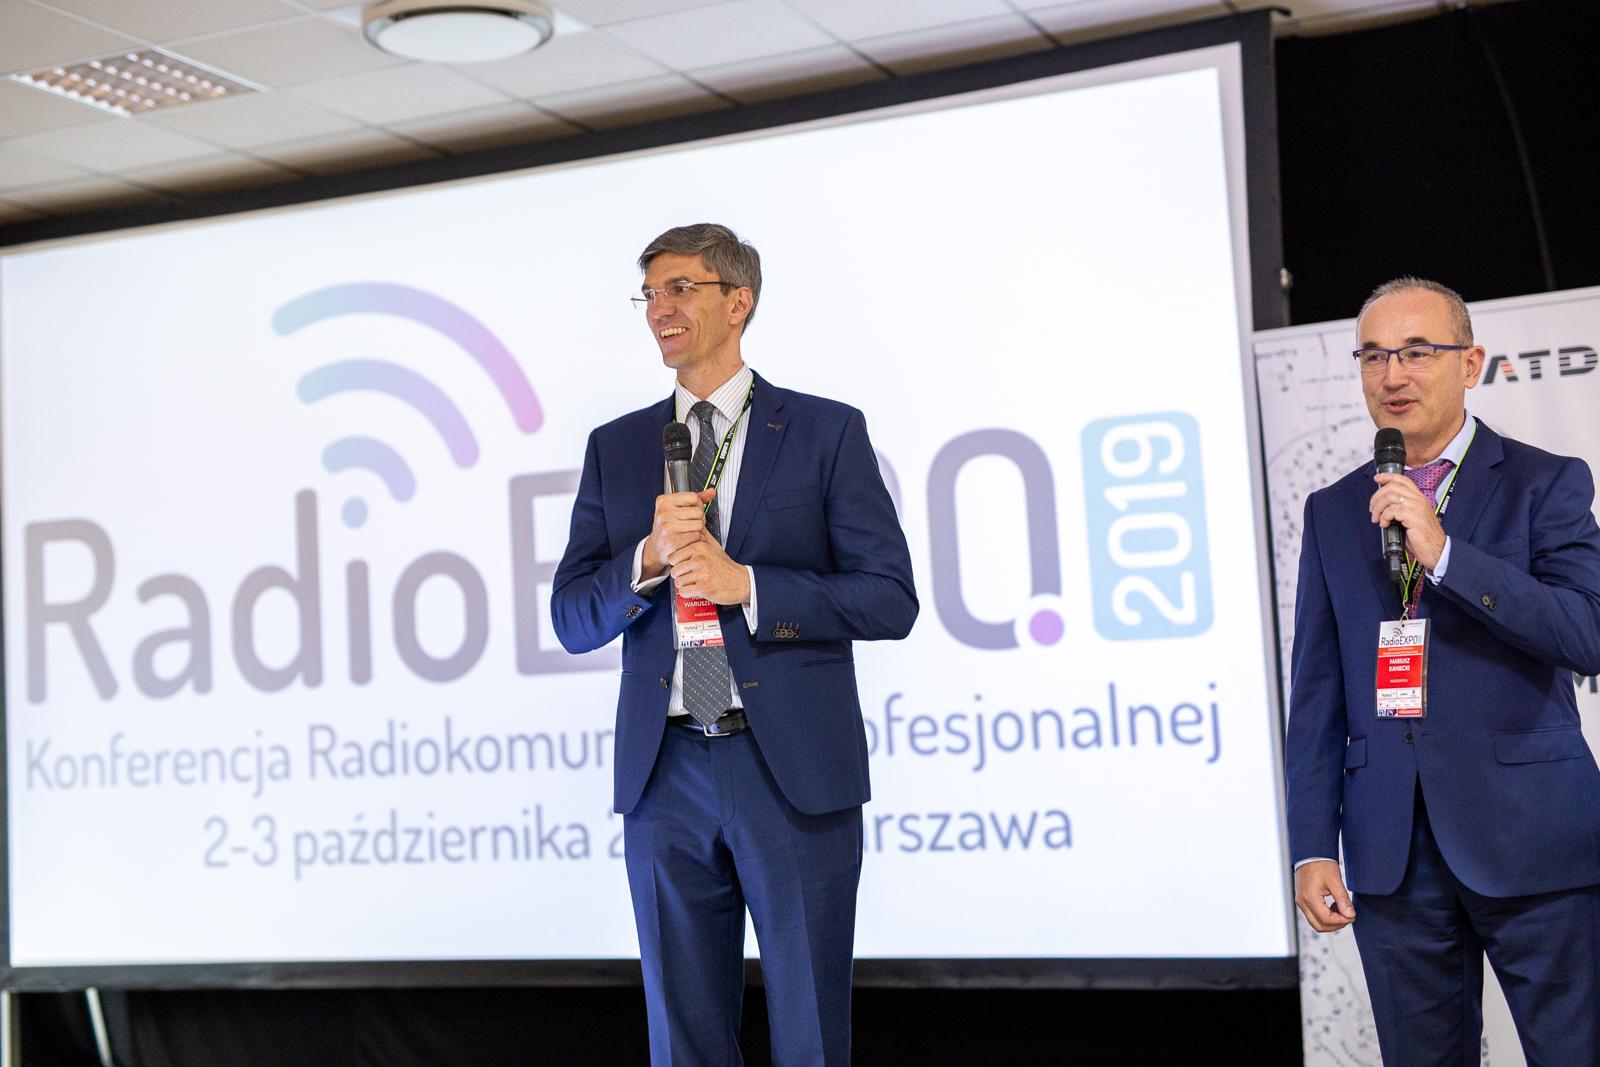 Mariusz Waruszewski prowadzący RadioEXPO 2019